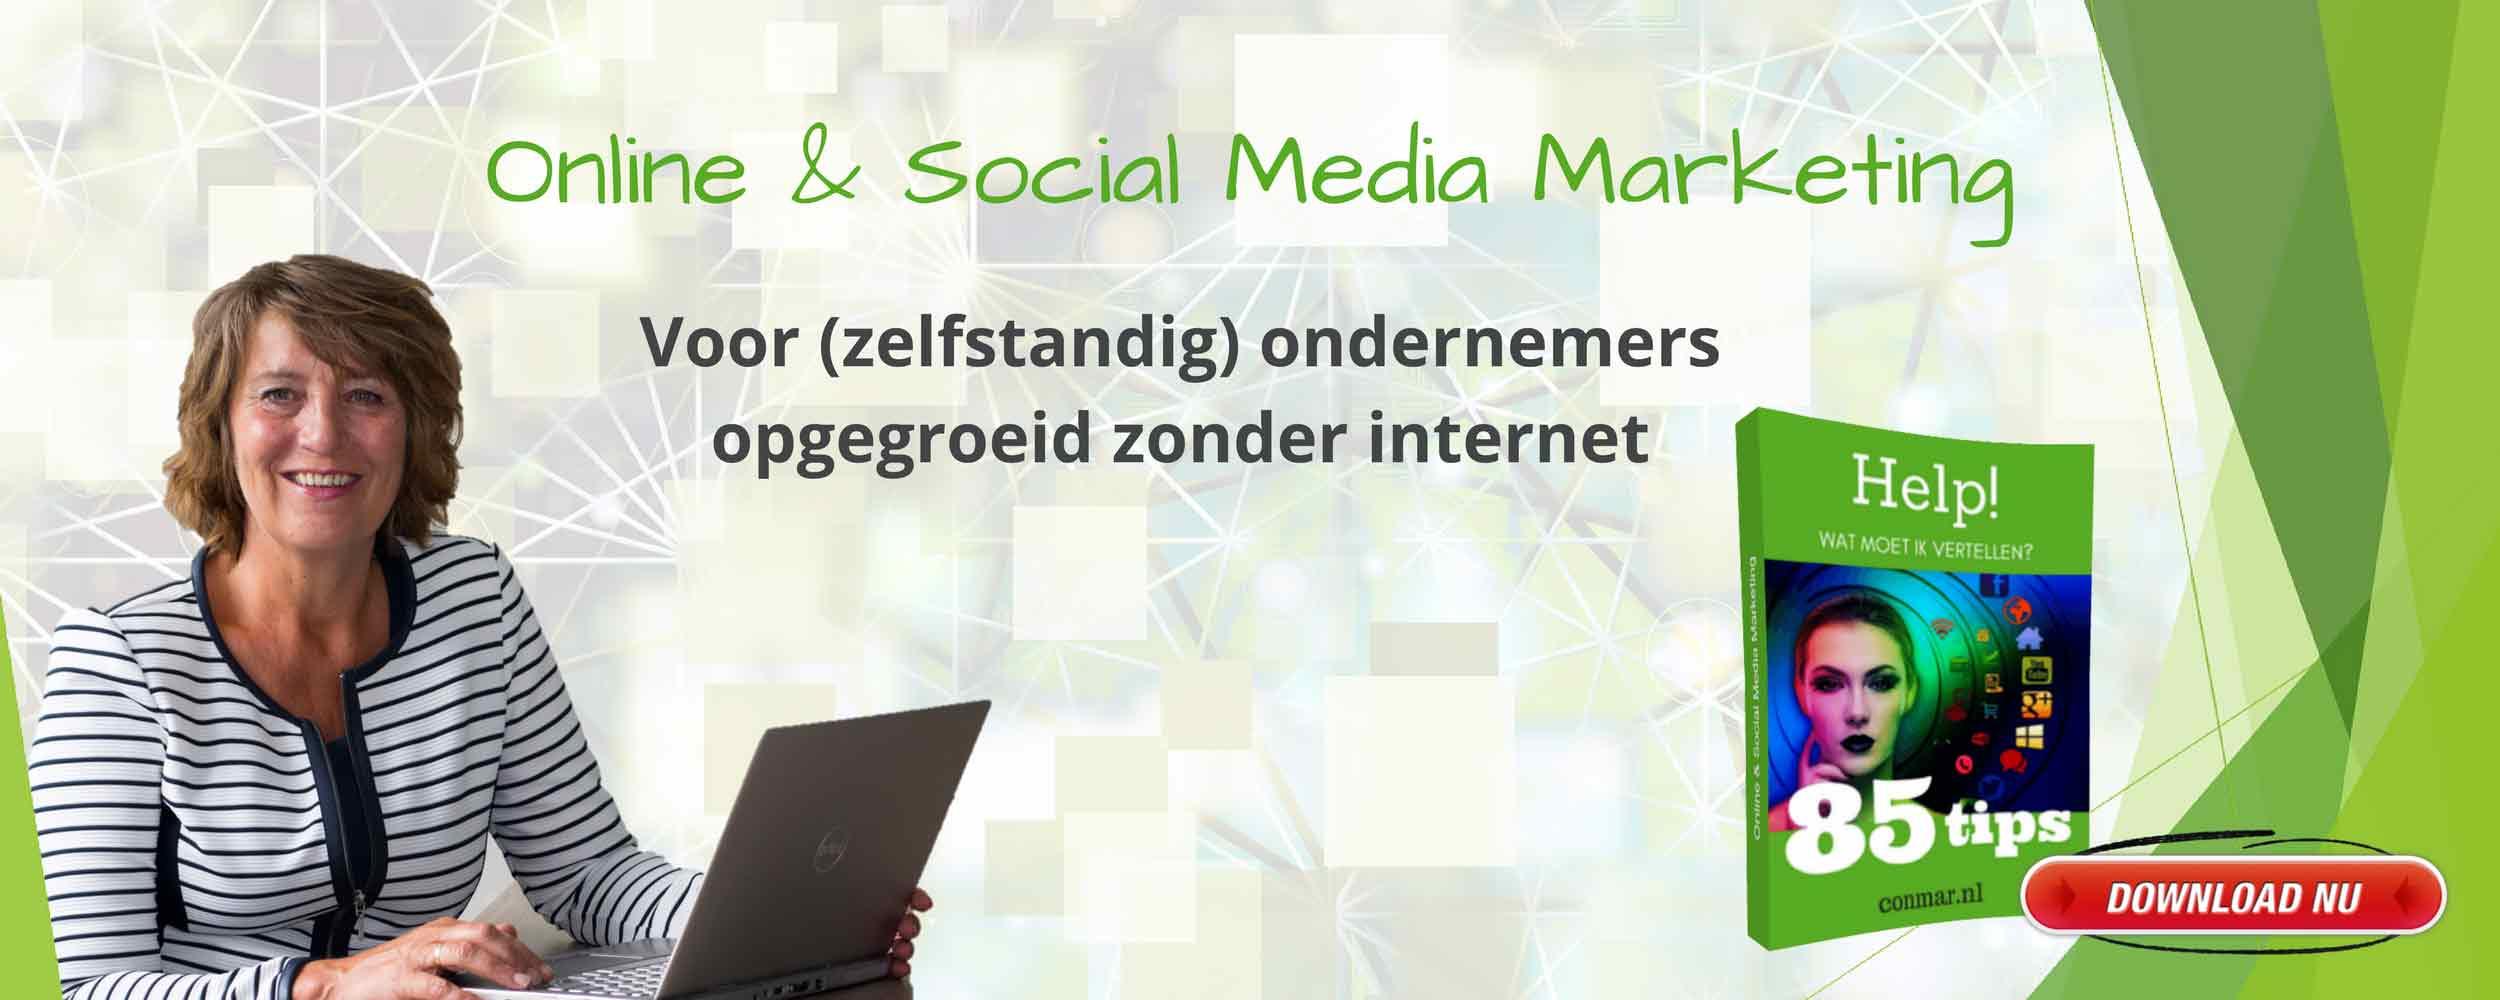 ConMar - Online en social media marketing voor ondernemers die hun naamsbekendheid willen vergroten door website, social media en nieuwsbrief optimaal te gebruiken.